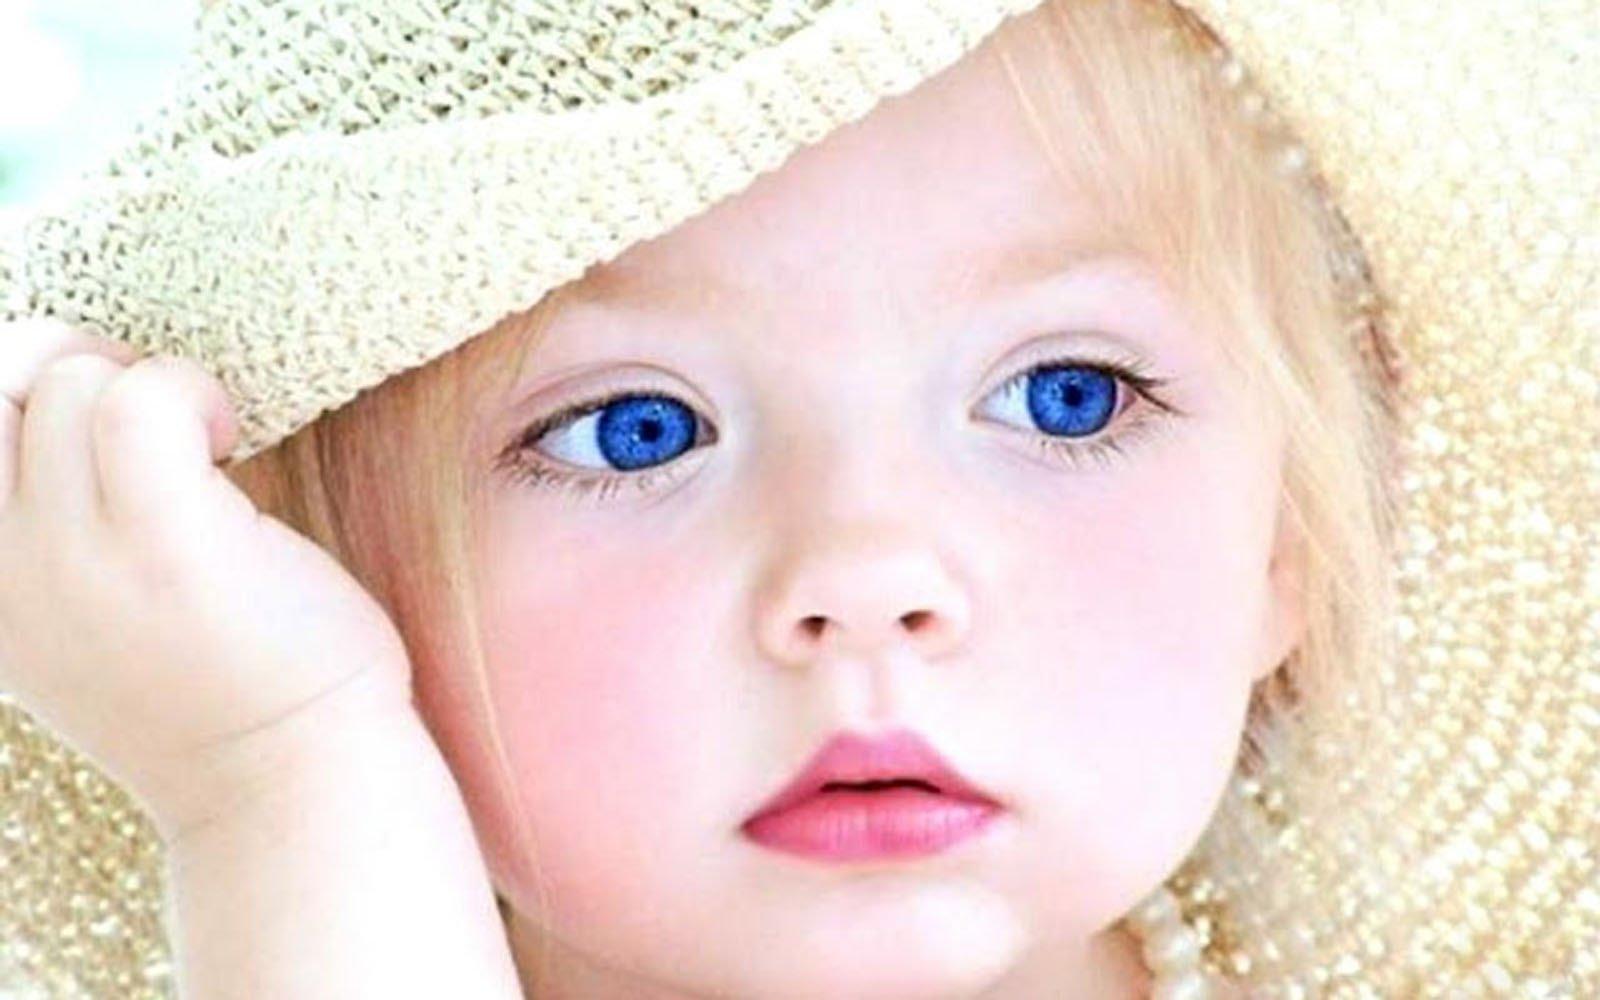 بالصور اجمل الصور اطفال في العالم , اطفال ضحكتها تجنن العالم كله 3958 2